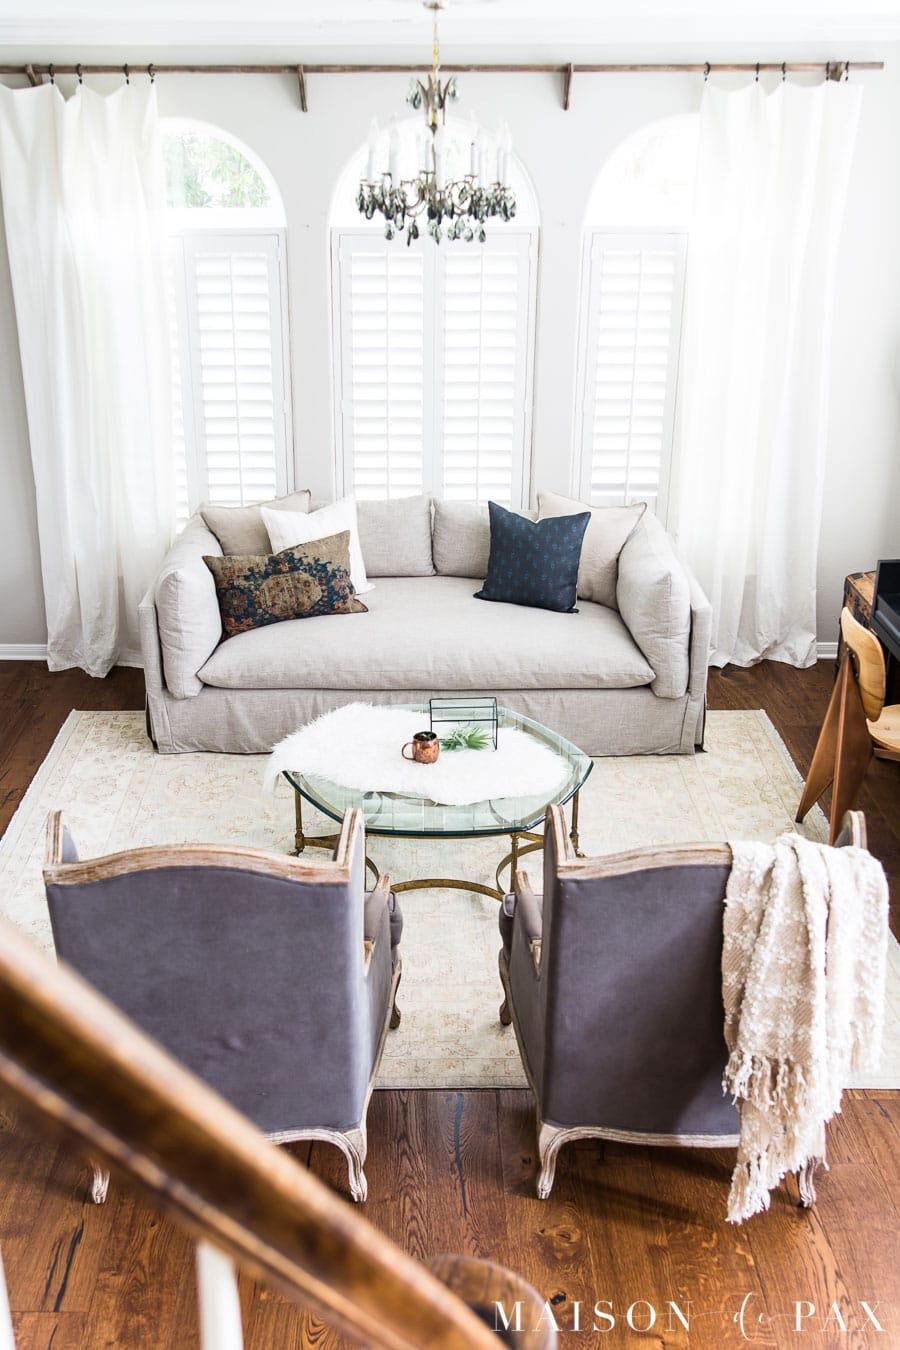 living room layout ideas   Maison de Pax